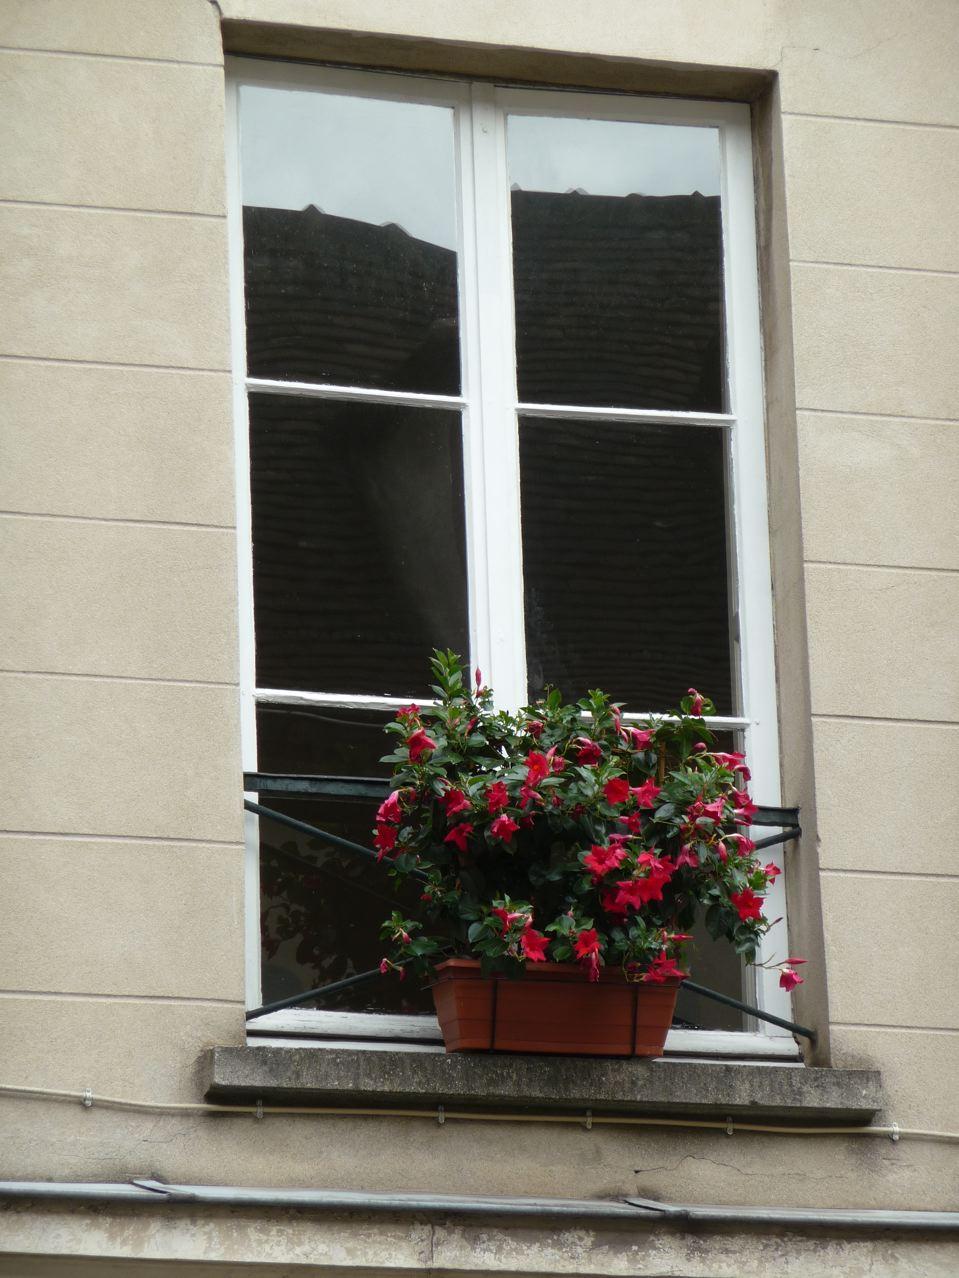 T fleuri paris c t jardin for Fenetre sur rue hugo